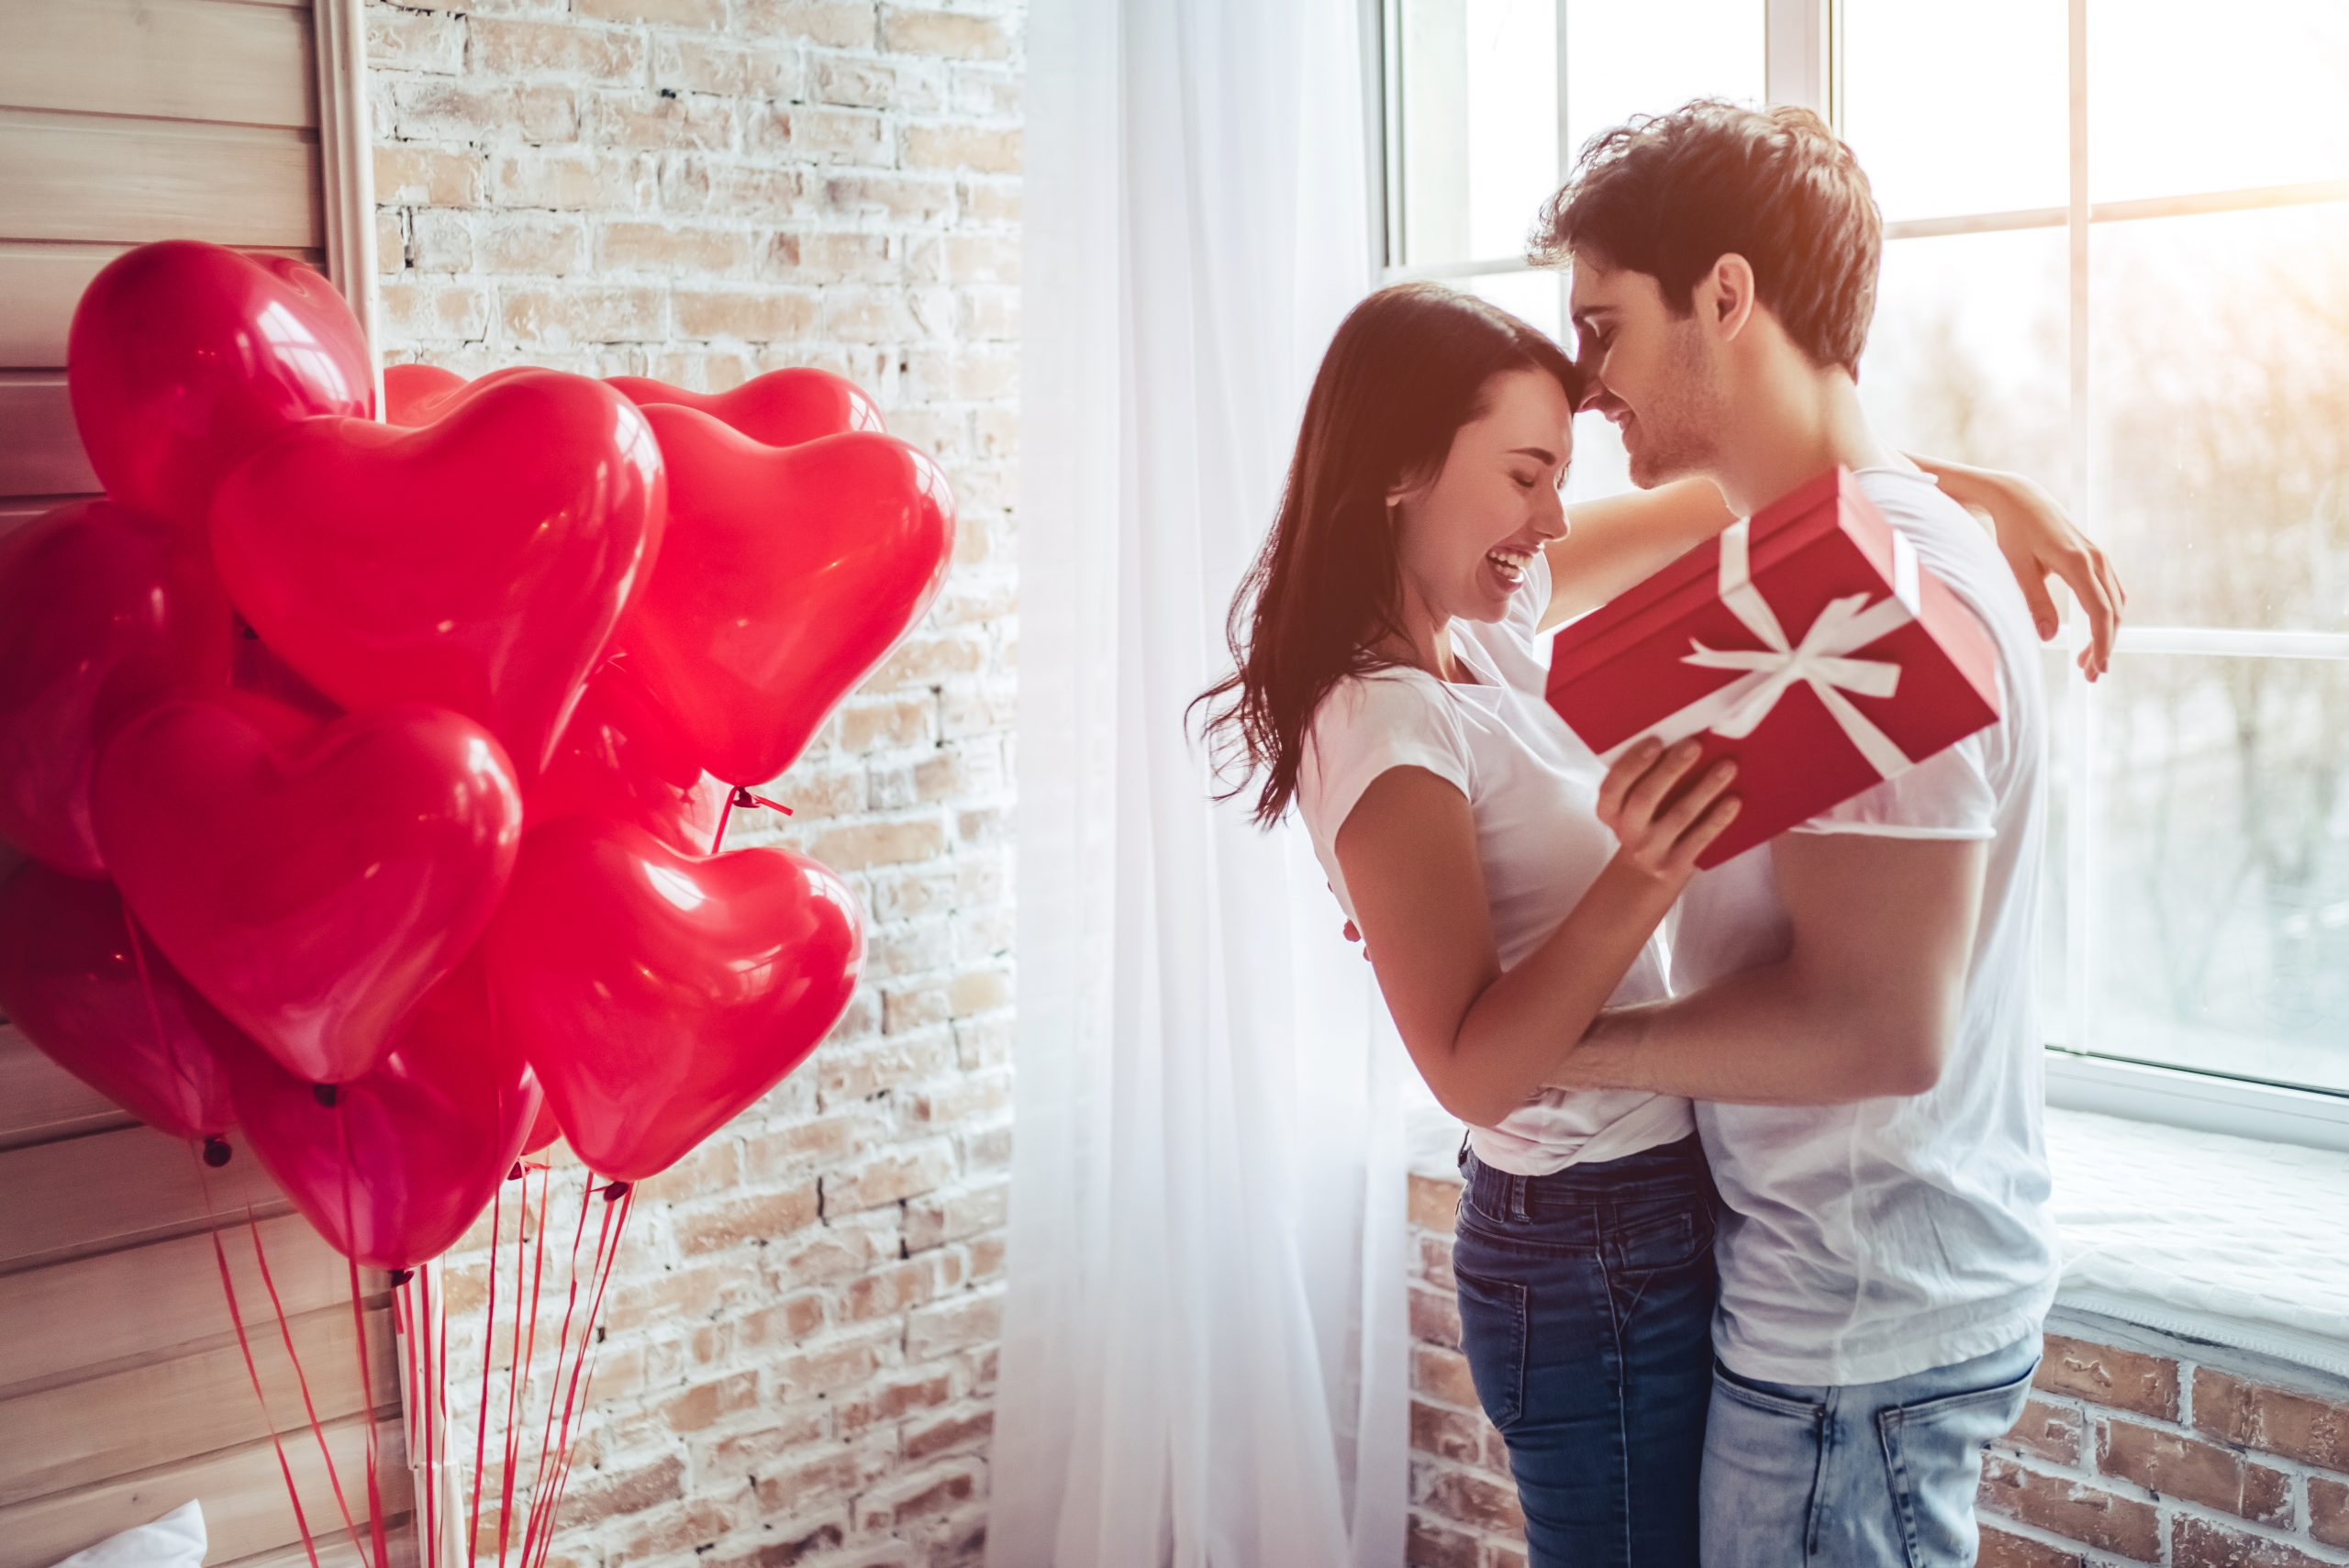 Verliebtes Paar am Valentinstag, Frau übergibt Geschenk an Mann, im Hintergrund rote Herzchenballons